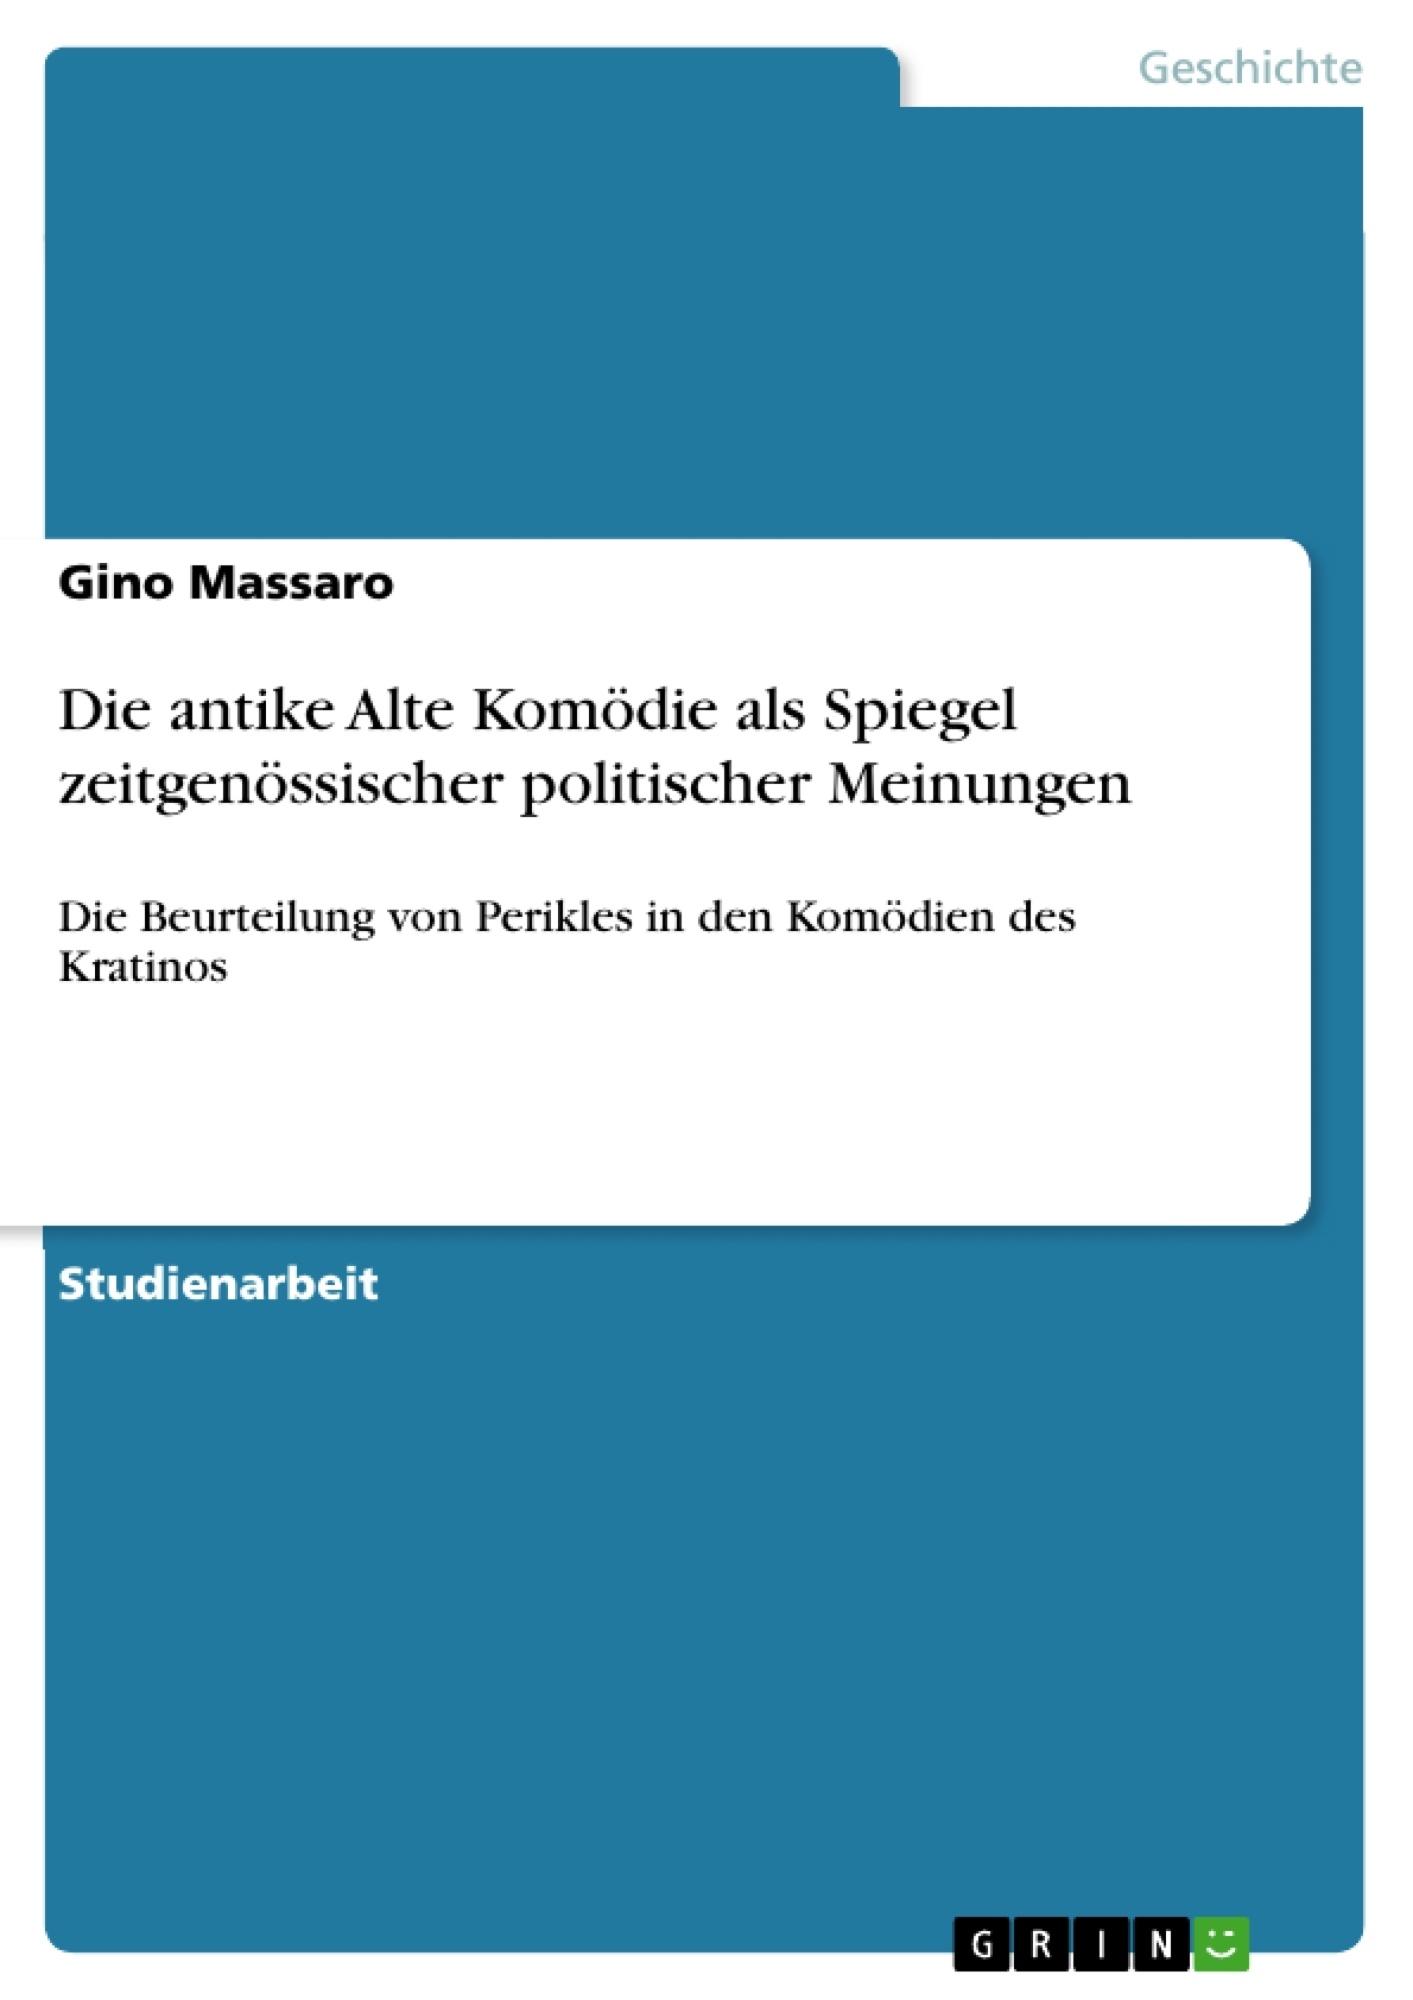 Titel: Die antike Alte Komödie als Spiegel zeitgenössischer politischer Meinungen